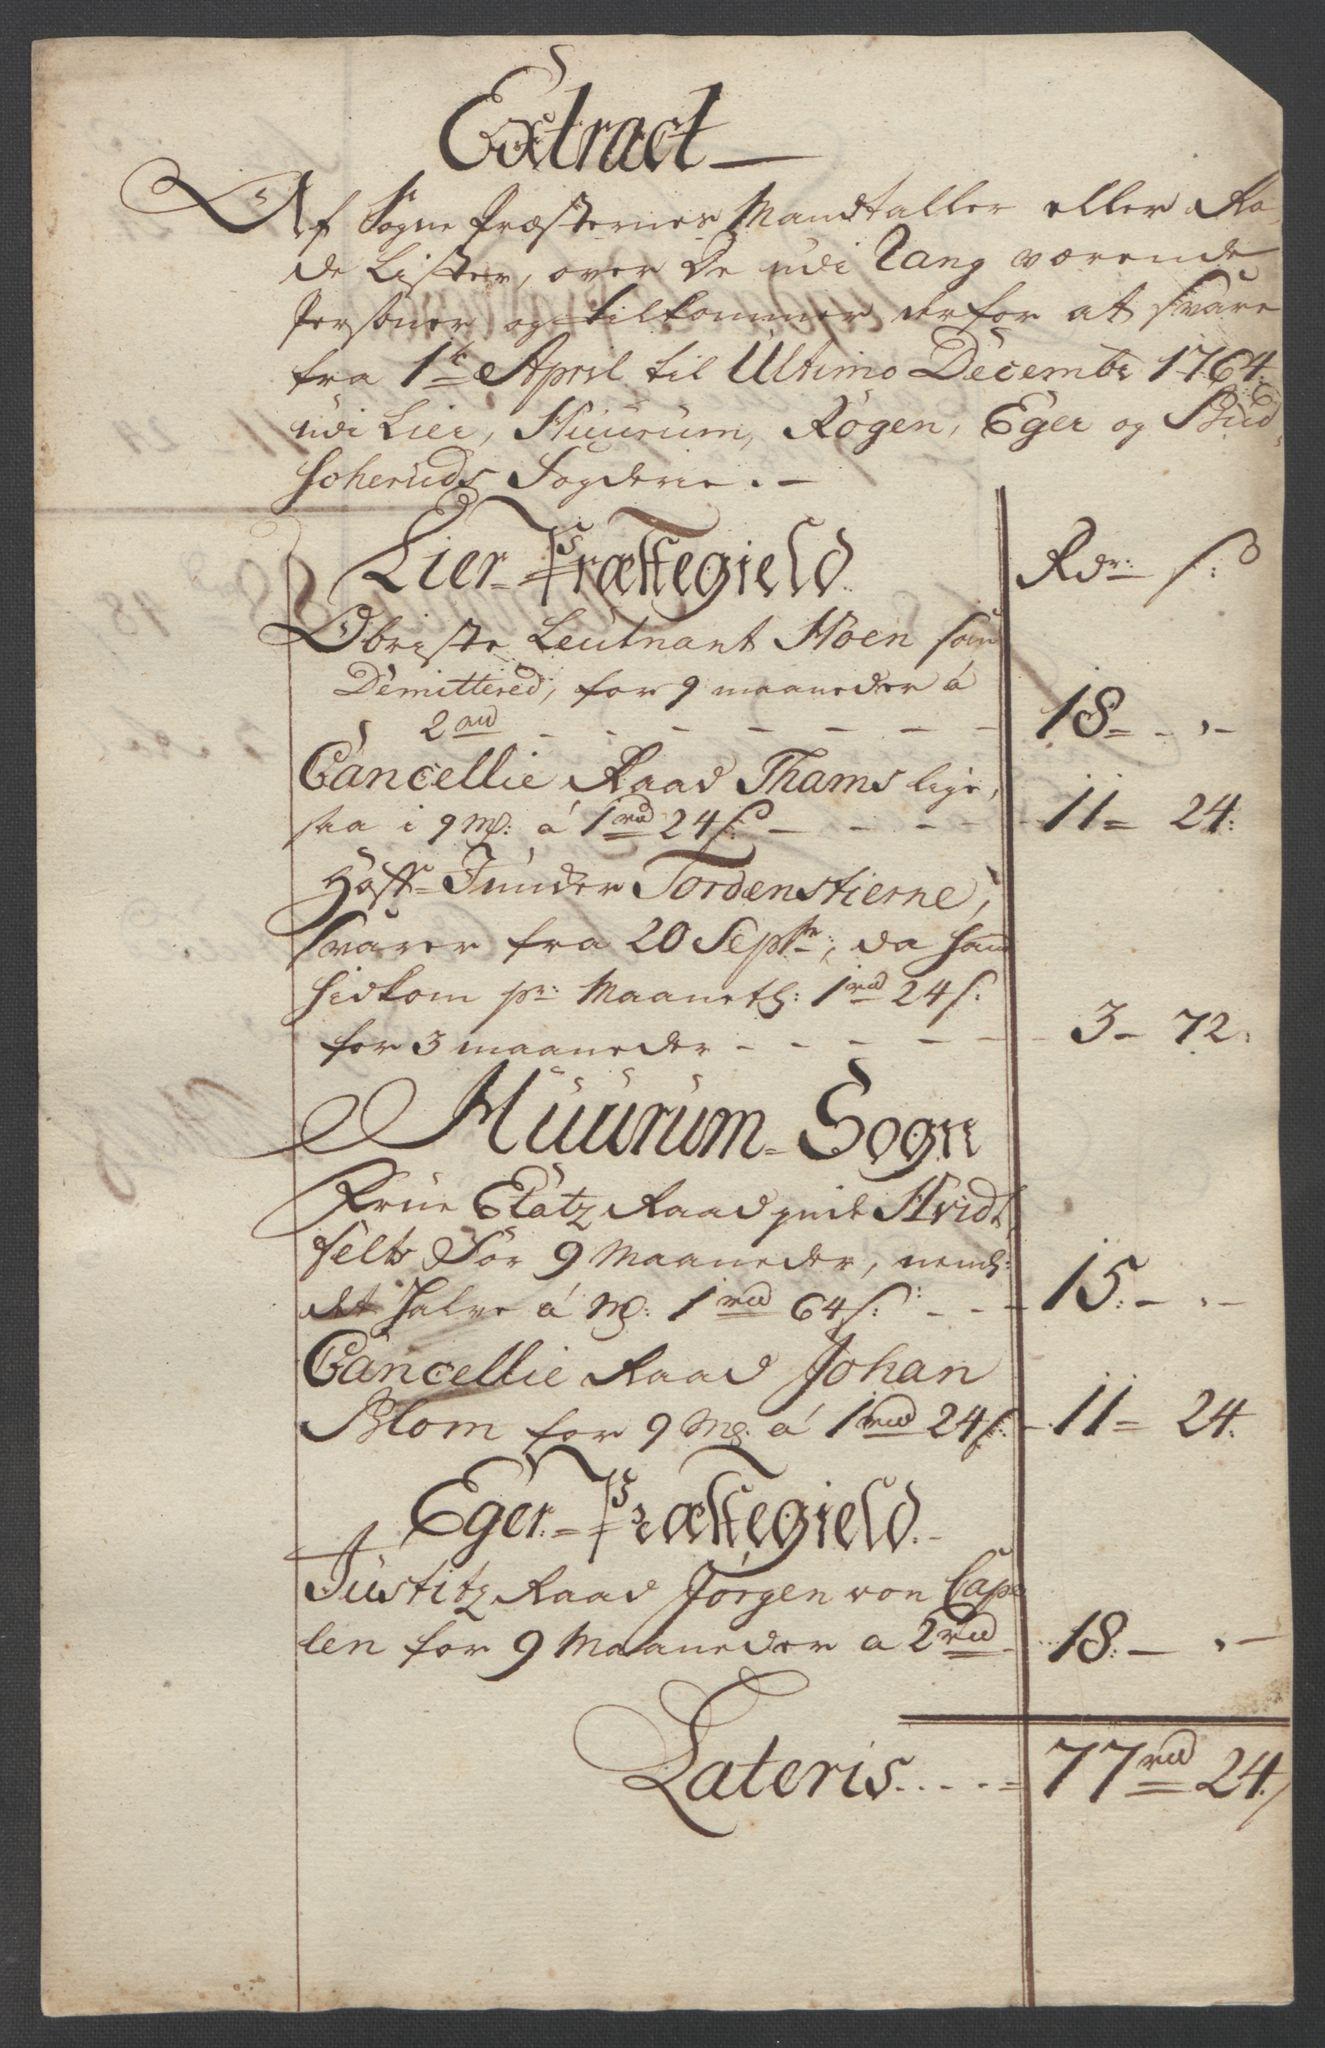 RA, Rentekammeret inntil 1814, Reviderte regnskaper, Fogderegnskap, R31/L1833: Ekstraskatten Hurum, Røyken, Eiker, Lier og Buskerud, 1762-1764, s. 213